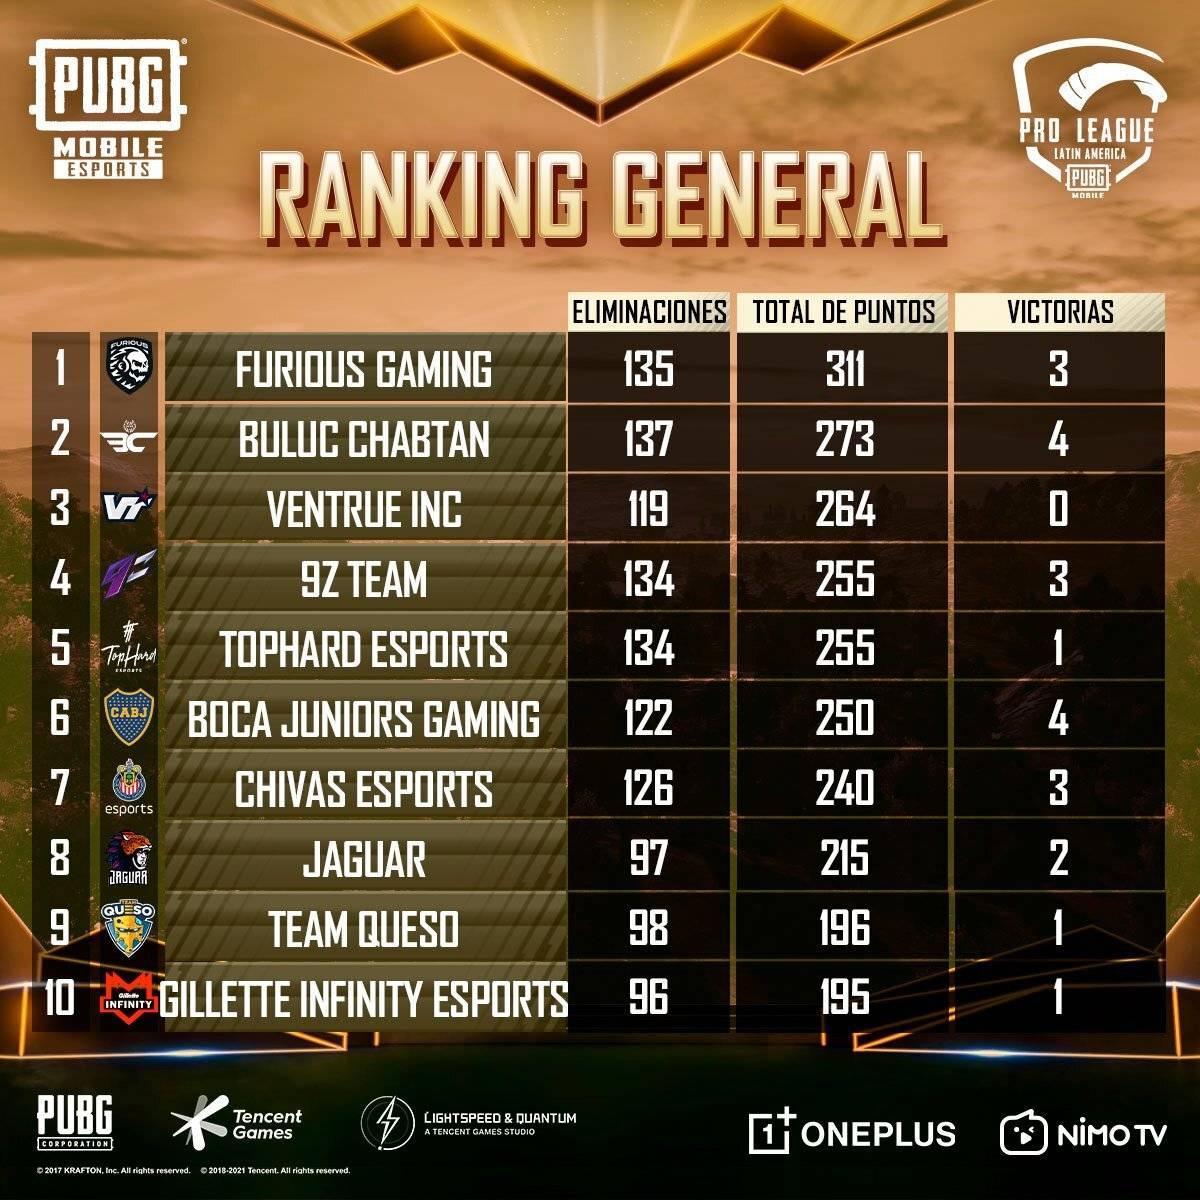 Más de 5 días intensos de batalla del PUBG Mobile Pro-League LATAMA ha puesto al equipo argentino Furious Gaming en el primer puesto, seguidos de los guatemaltecos Buluc Chabtan y los mexicanos Ventura. El equipo de Chivas Esports se encuentra dentro en las primeras 8 posiciones del ranking gracias a sus buenas actuaciones durante el torneo.